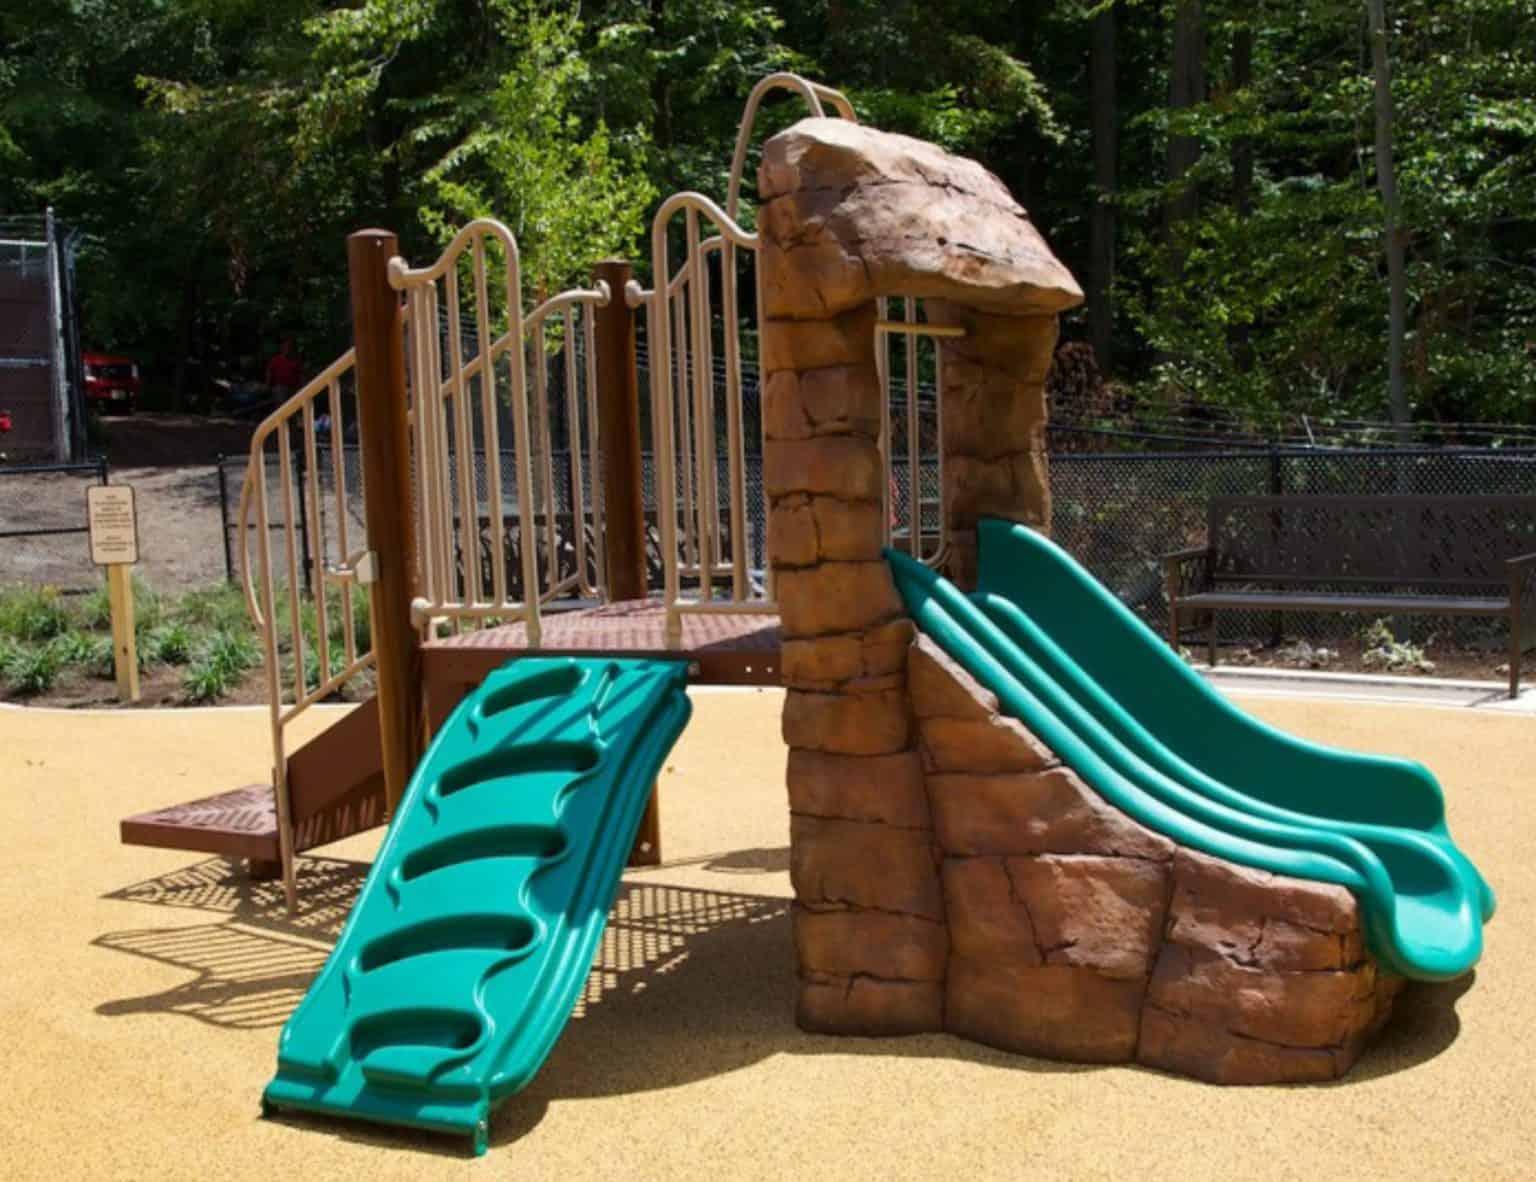 turtle-back-zoo-playground-west-orange-nj_11519175535_o-1536x1182